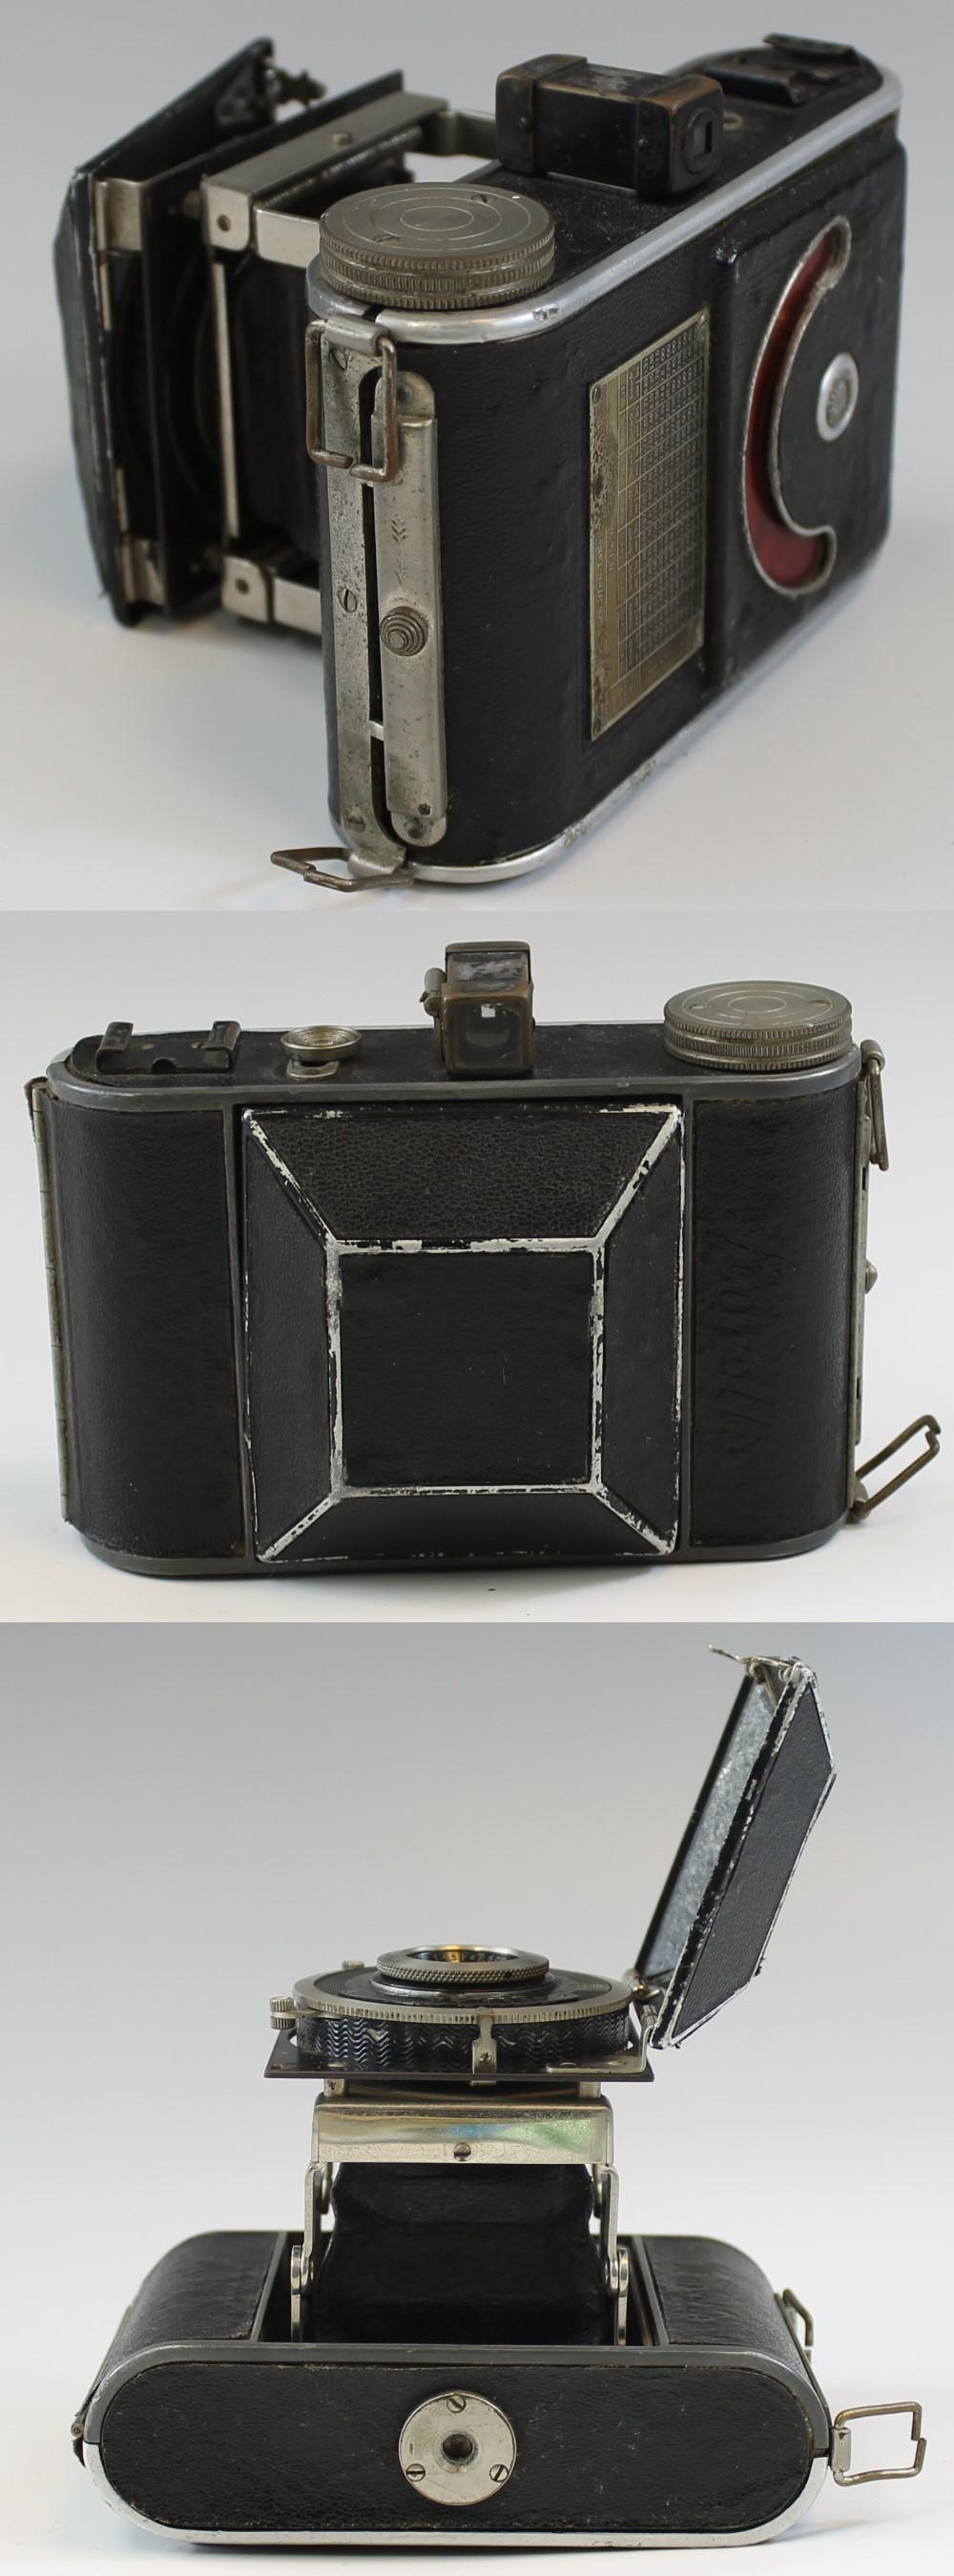 310コッチマンカメラ4